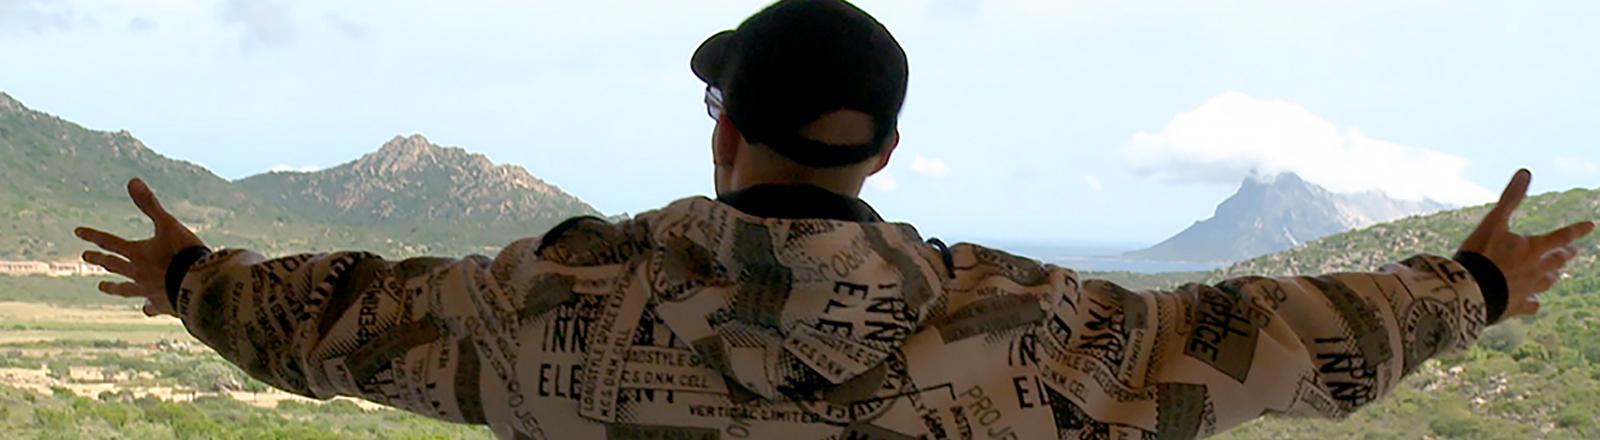 Filmszene: Mann breitet die Arme aus.